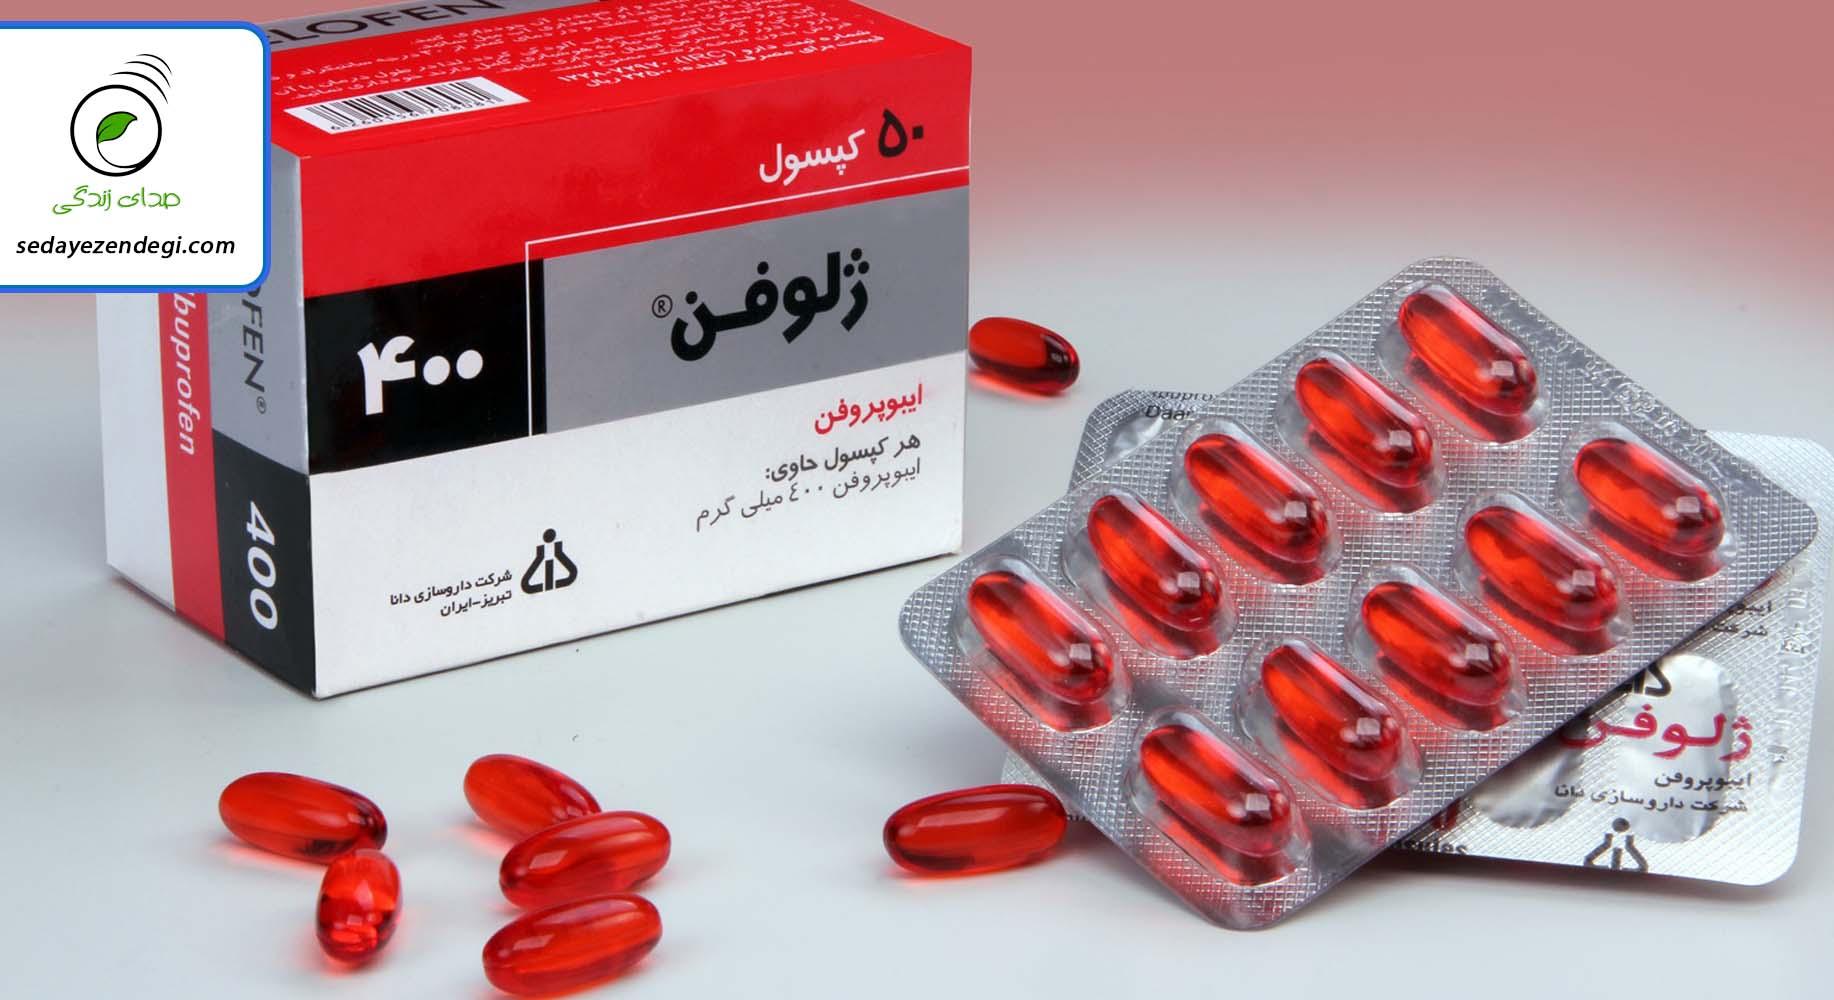 مصرف قرص ژلوفن در بیماران قلبی میتواند باعث سکته شود